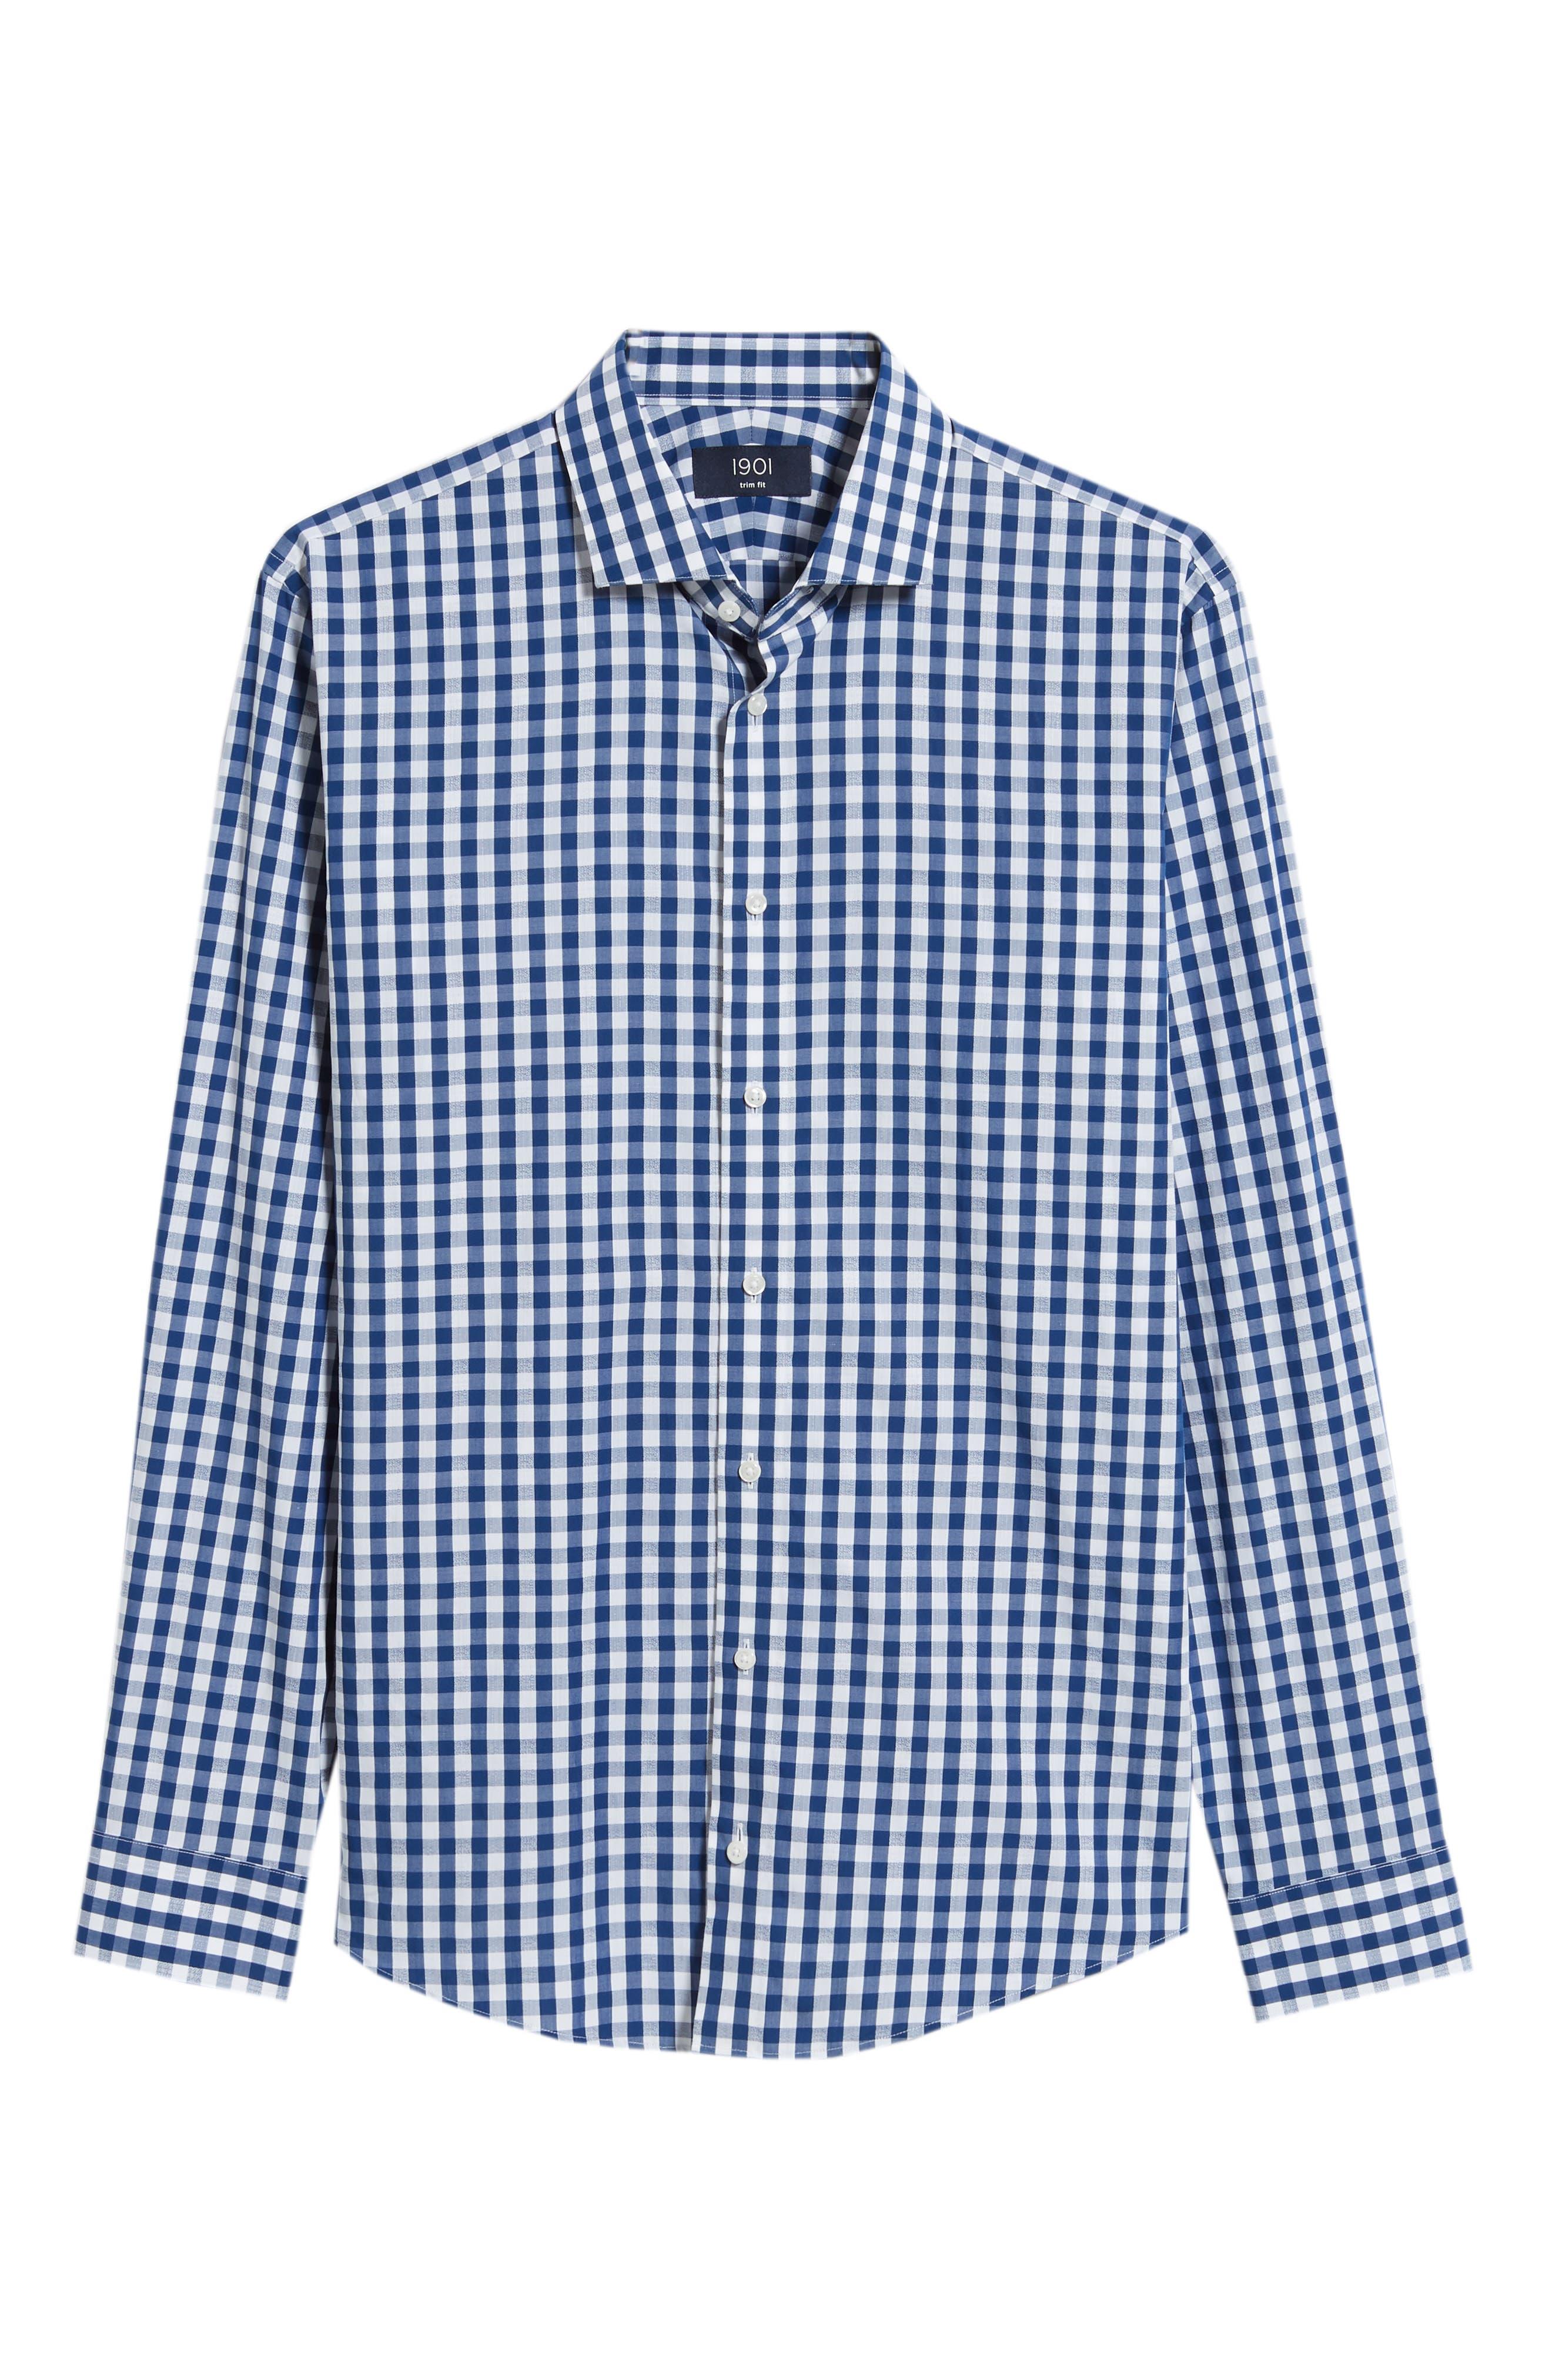 1901, Trim Fit Check Dress Shirt, Alternate thumbnail 5, color, BLUE CASPIA